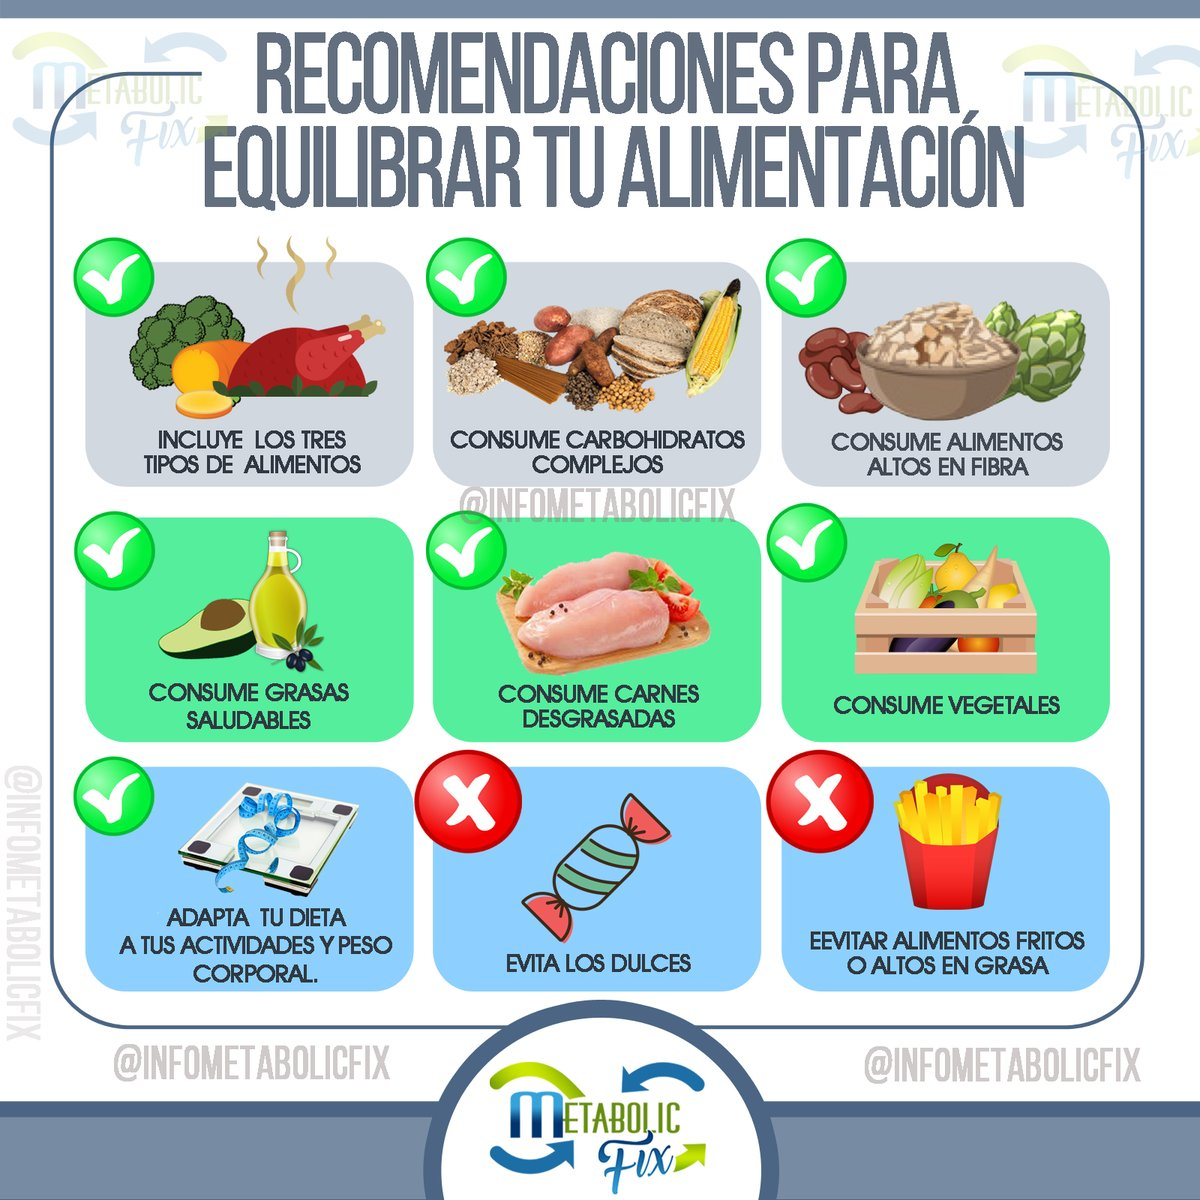 Recomendaciones para Equilibrar tu Alimentación #salud  #saludydeporte  #metabolismo       #vidasaludable    #lifestyle  #fitness   #EatClean    #HealthyEating  #HealthyRecipes    #Nutrition  #Paleo  #Vegan  #InstaHealthy  #BalancedLife    #IIFYM  #HealthyChoices  #FoodIsFuel  #Diet